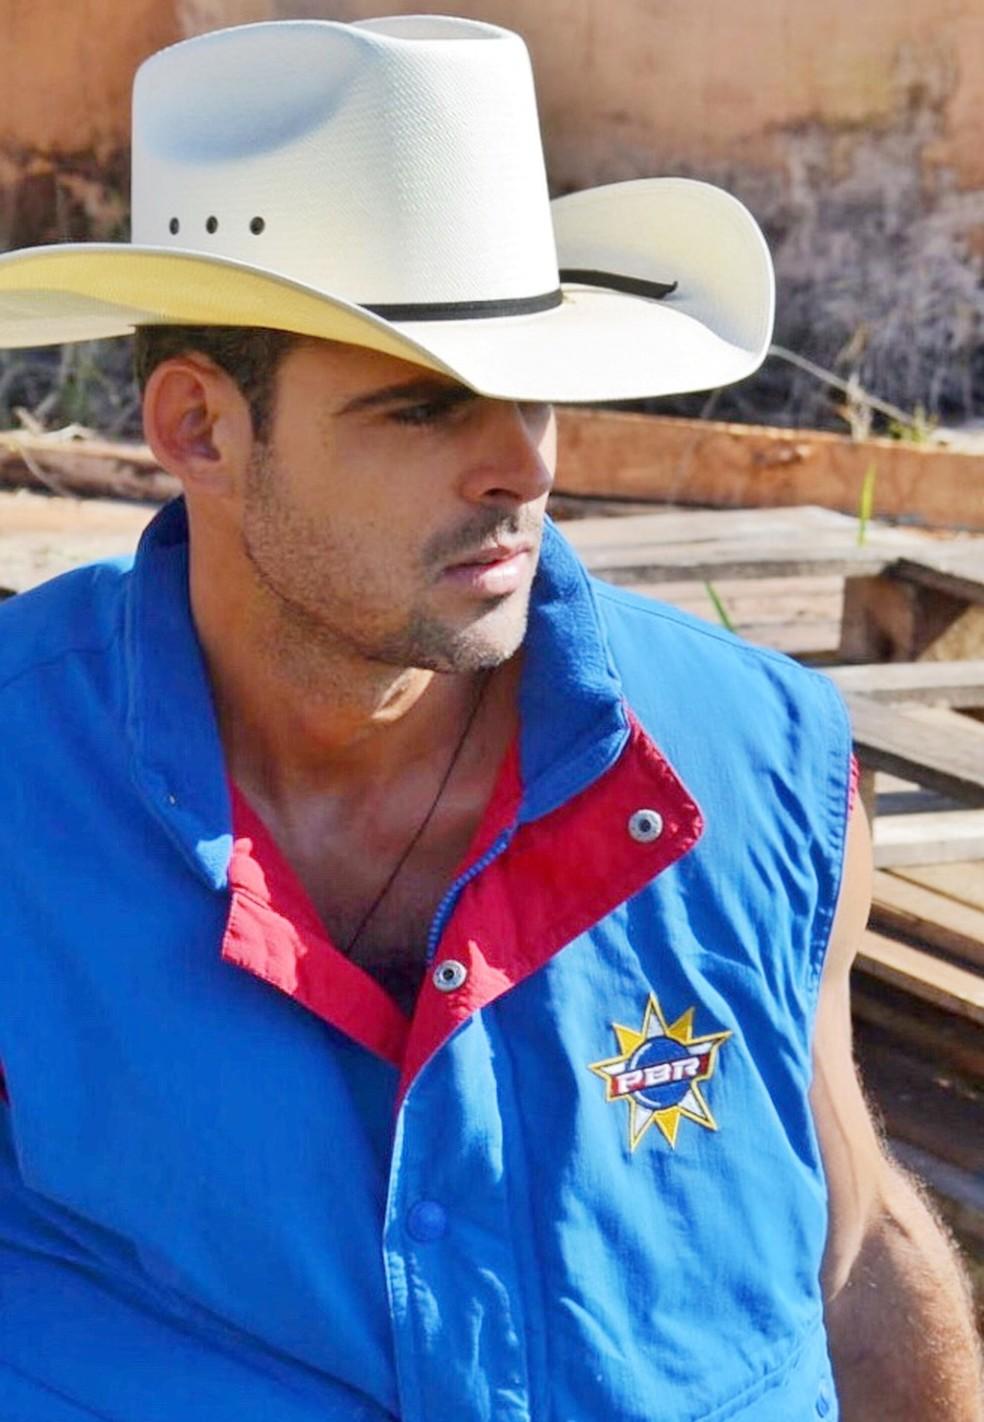 Peão morreu em sua propriedade rural após sofrer acidente de cavalo, em Camapuã (MS). (Foto: Felipe Turioni/G1)